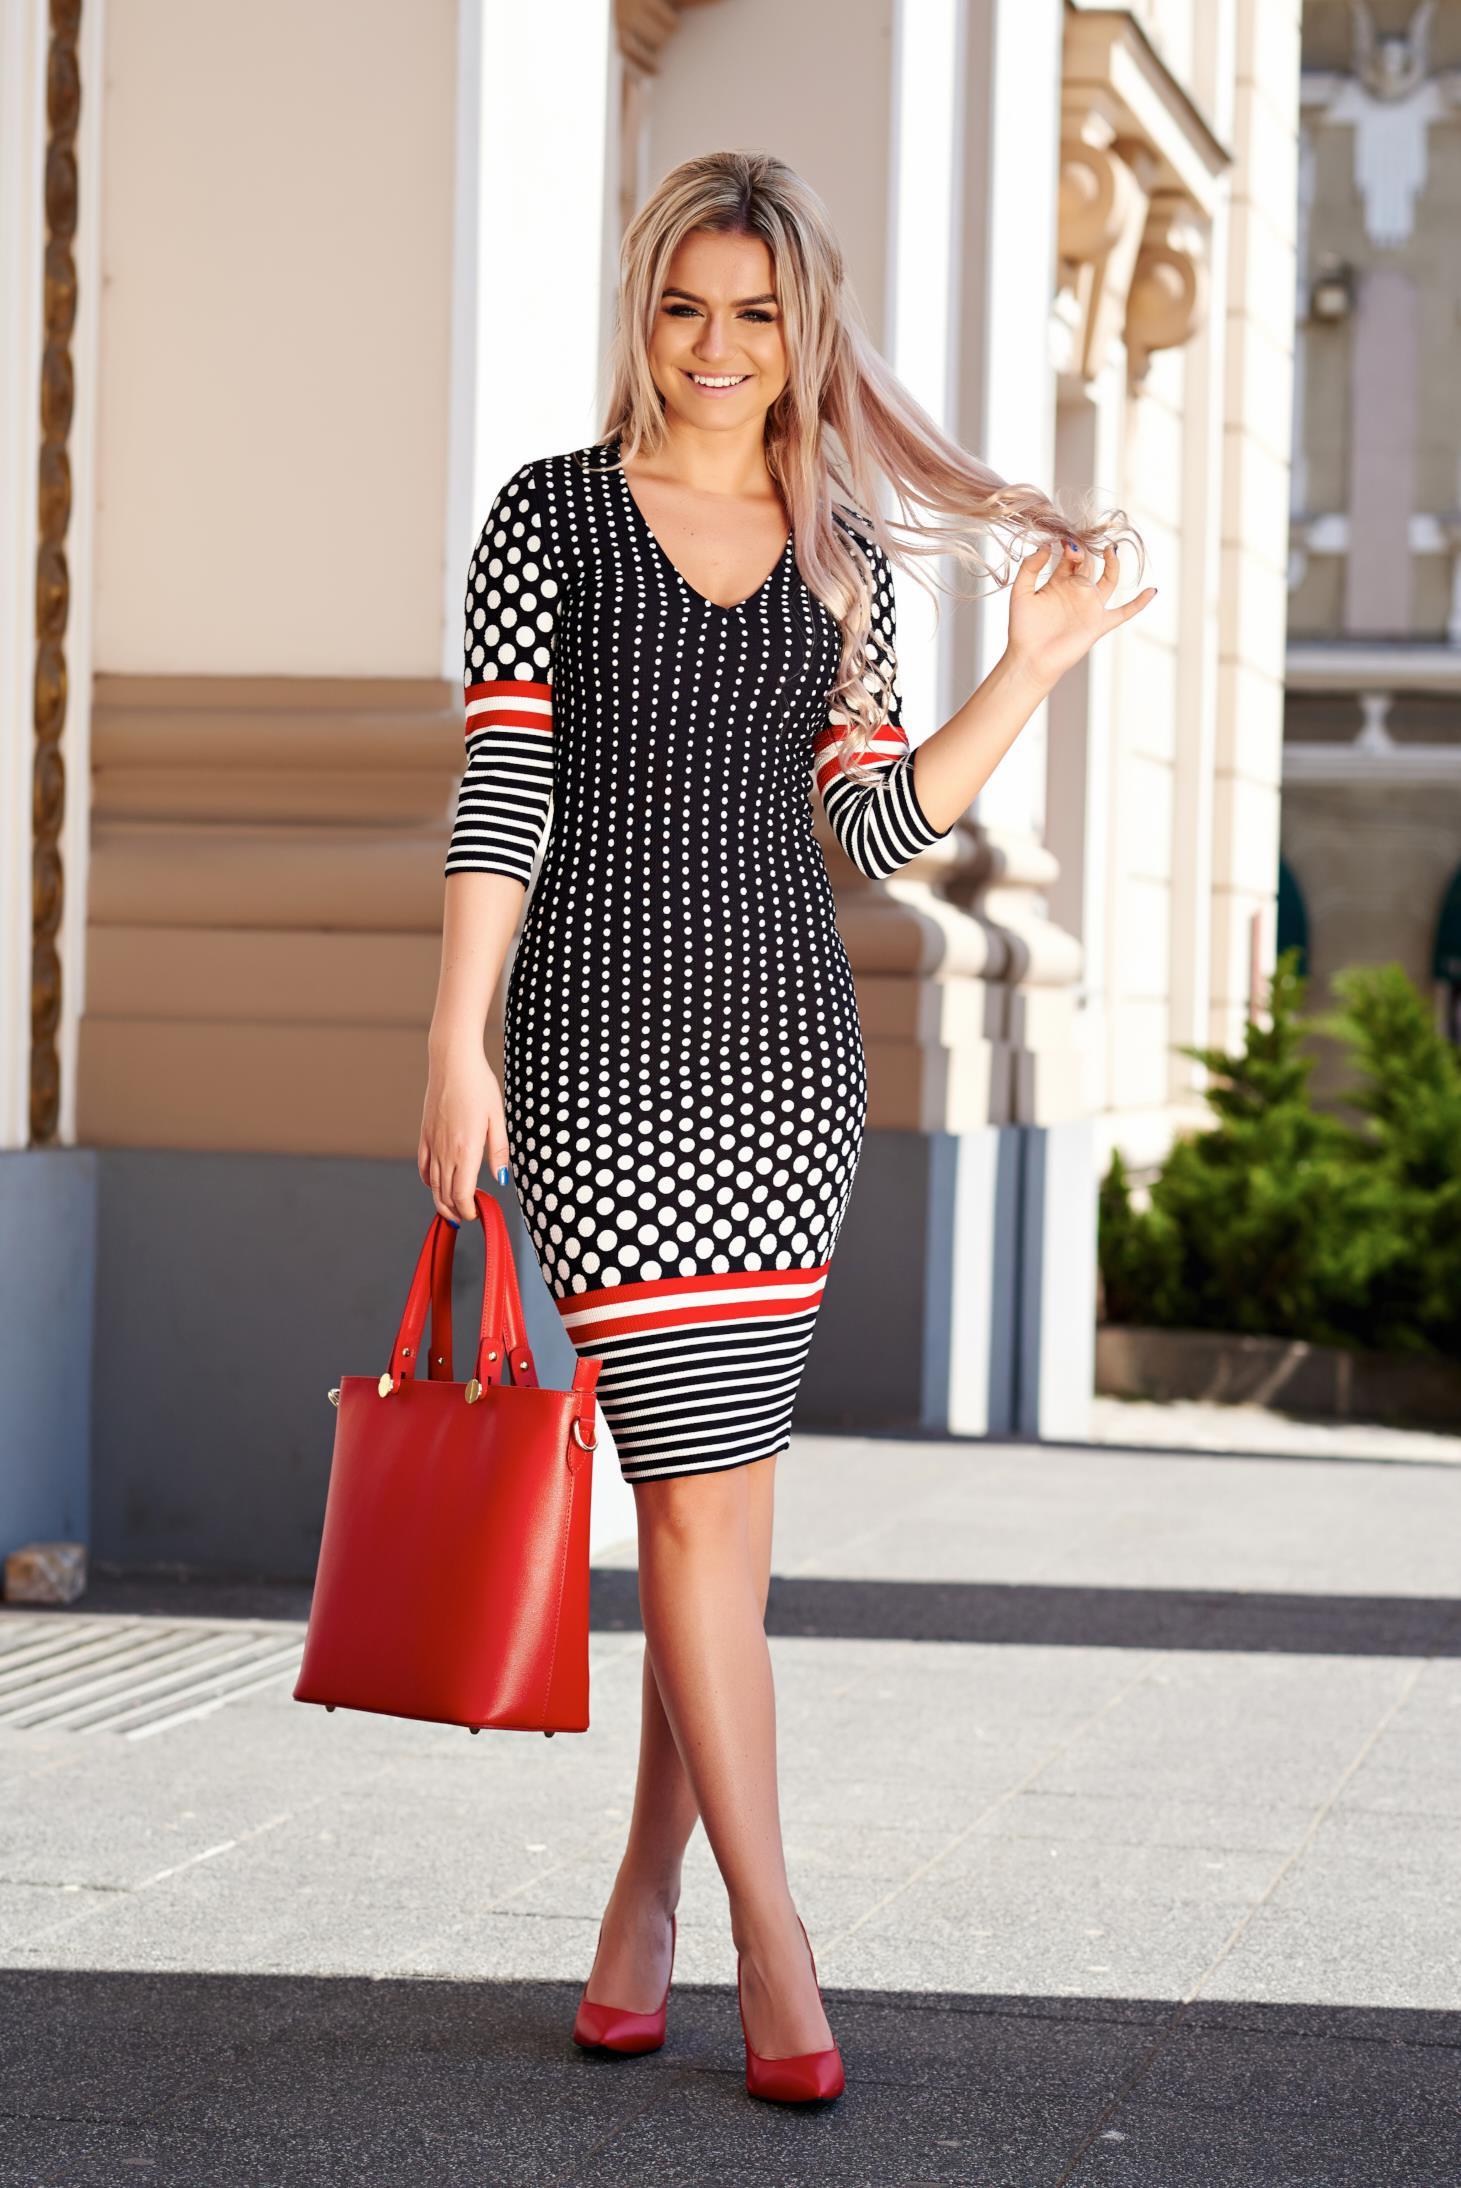 Rochii cu buline! Modele variate de rochii cu buline lungi si scurte online